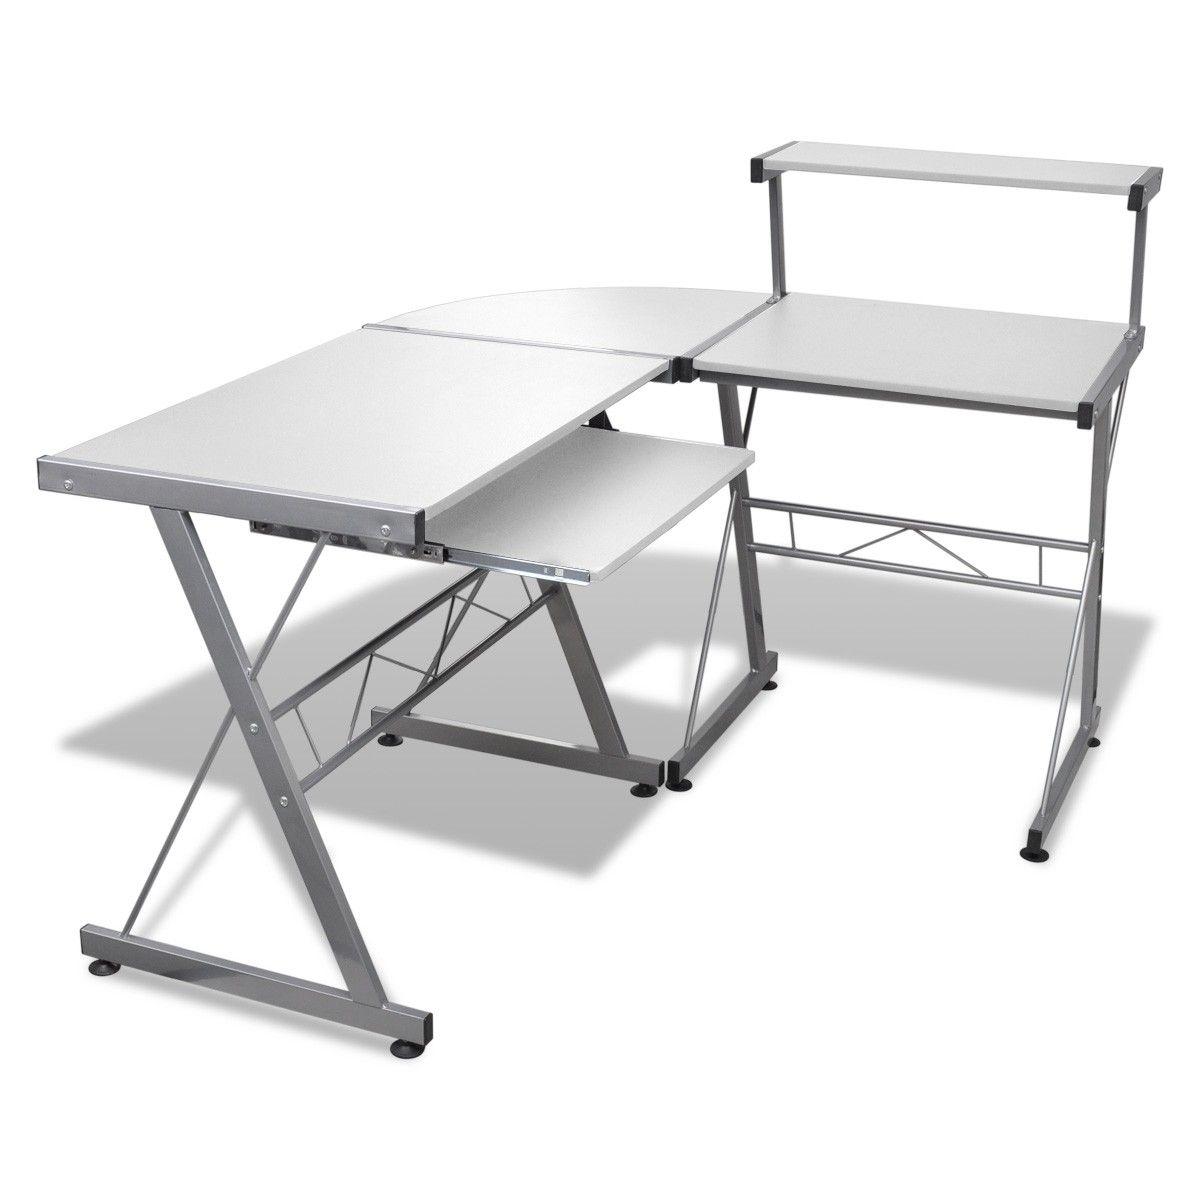 Køb Hvit datamaskin bord med uttrekknings tastatur brett